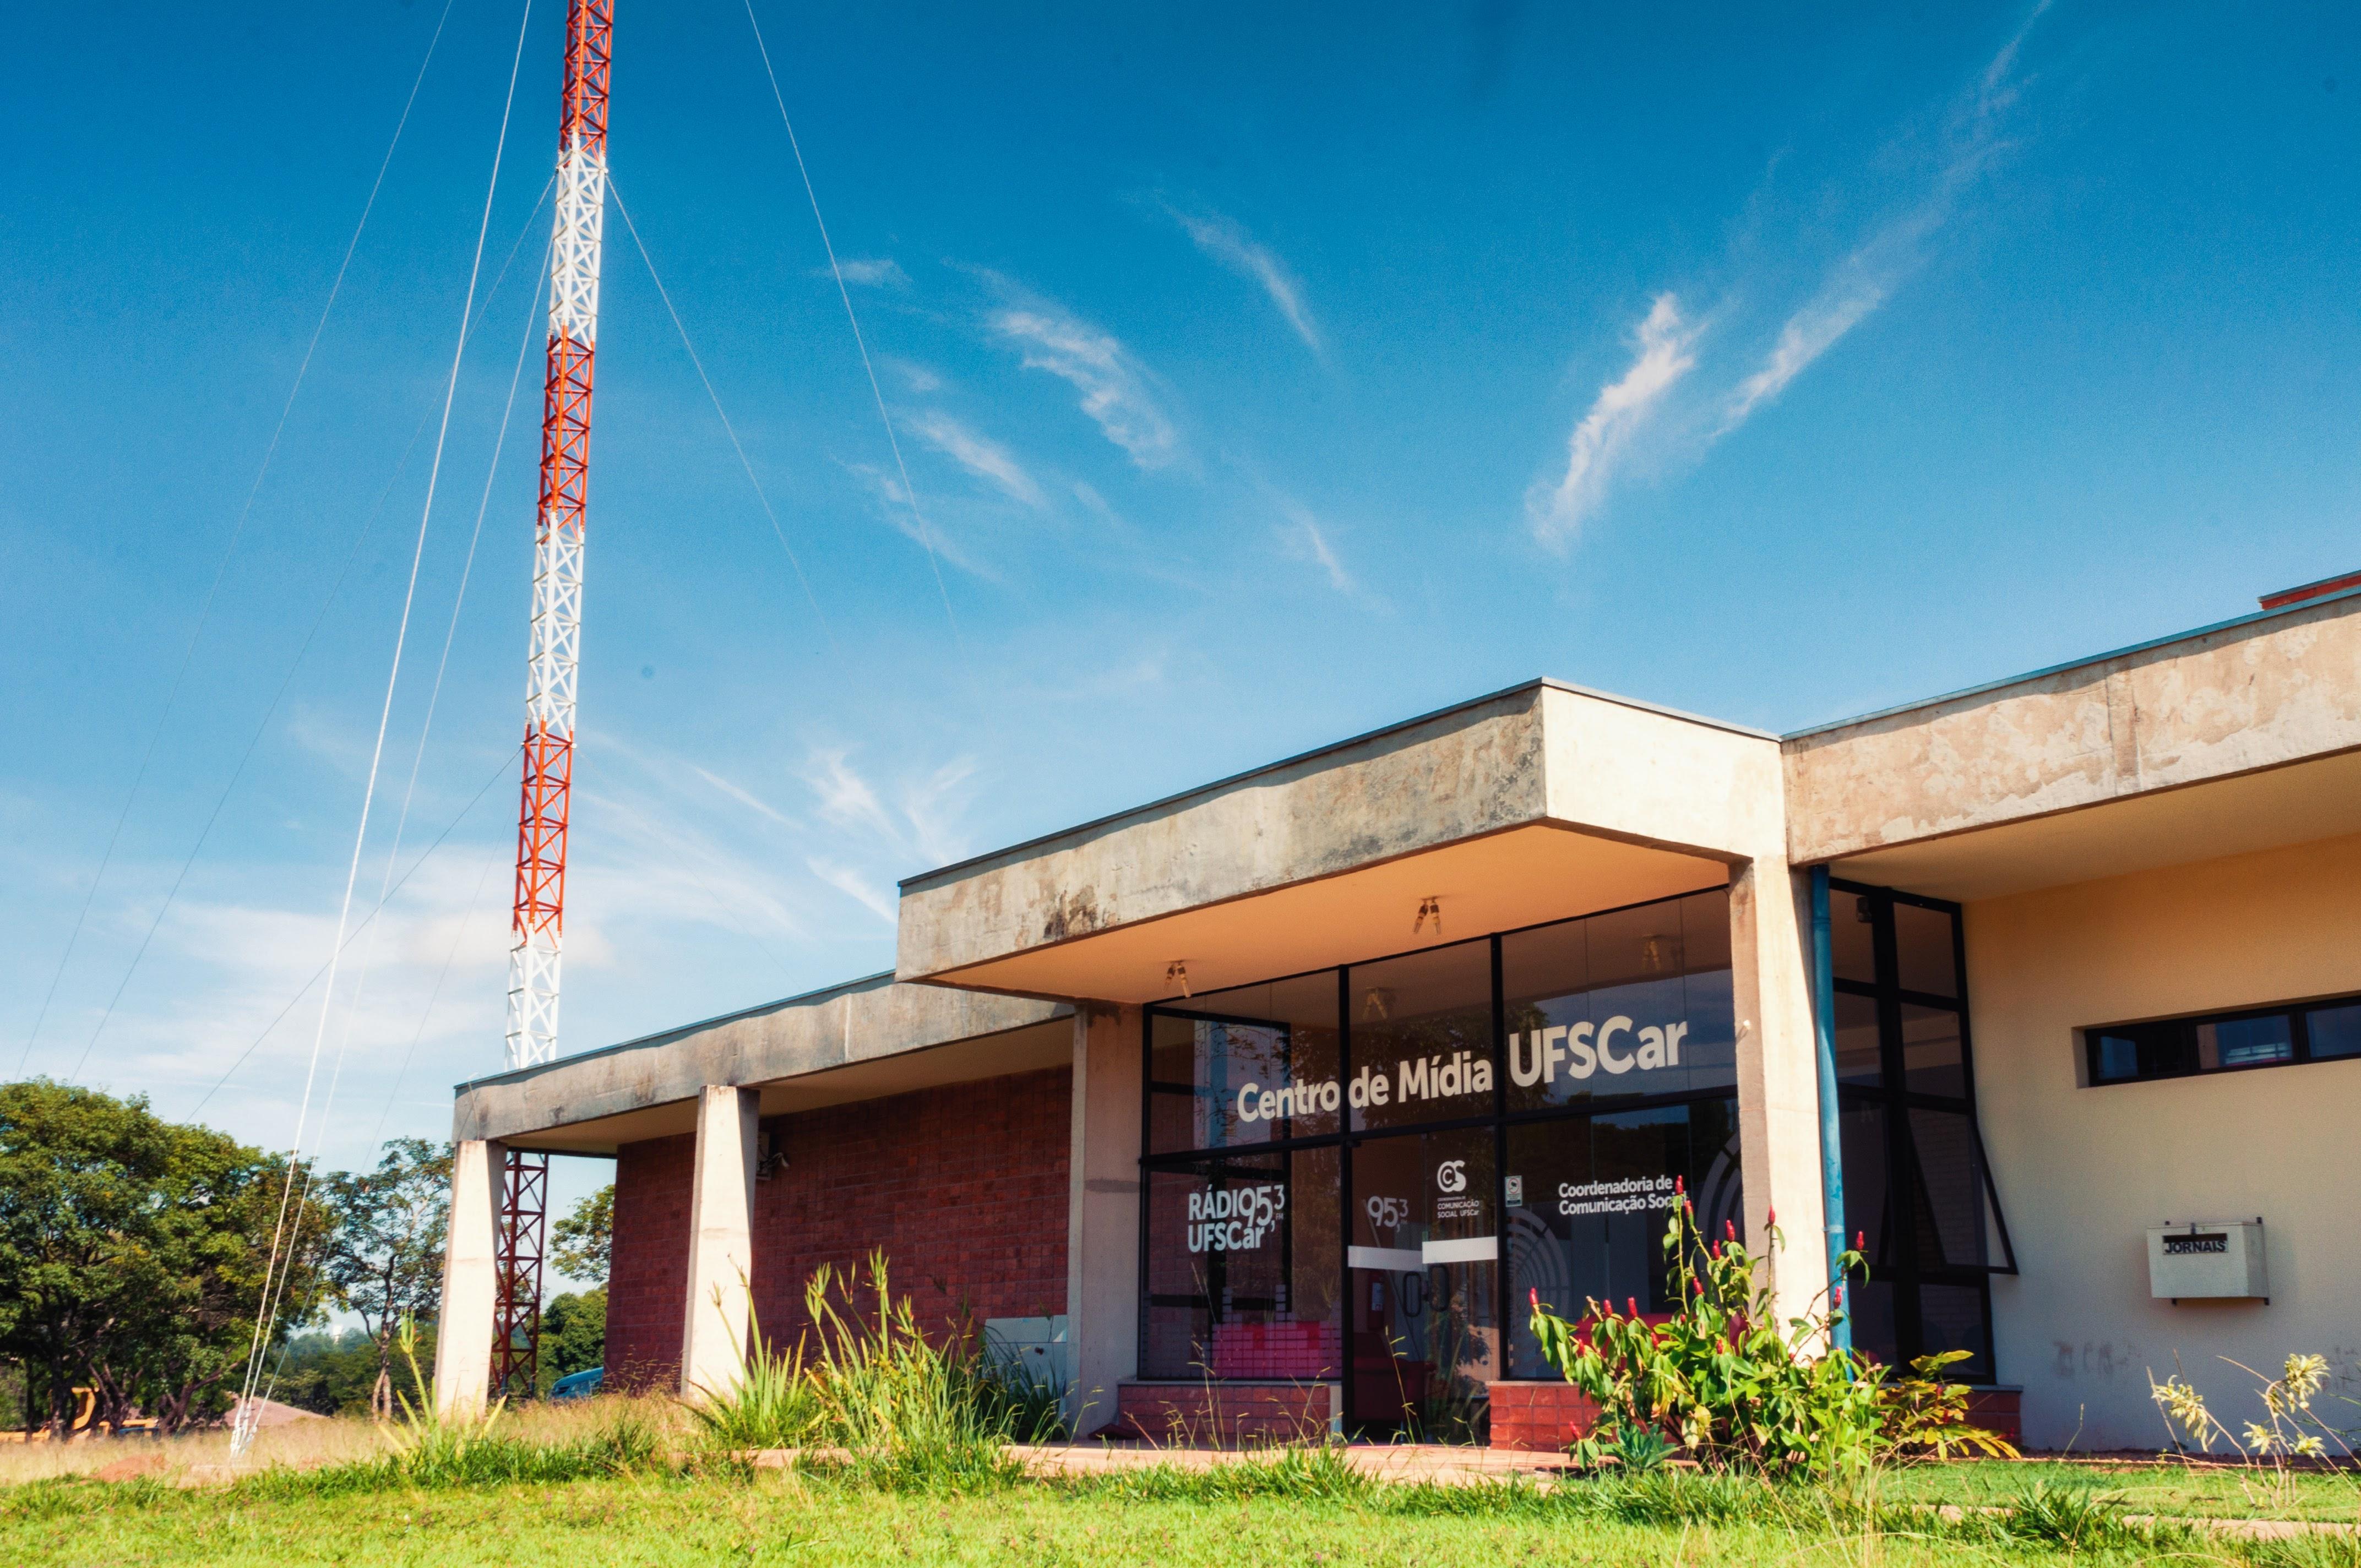 Emissora educativa da UFSCar tem estreias de produções próprias (Foto: Divulgação)